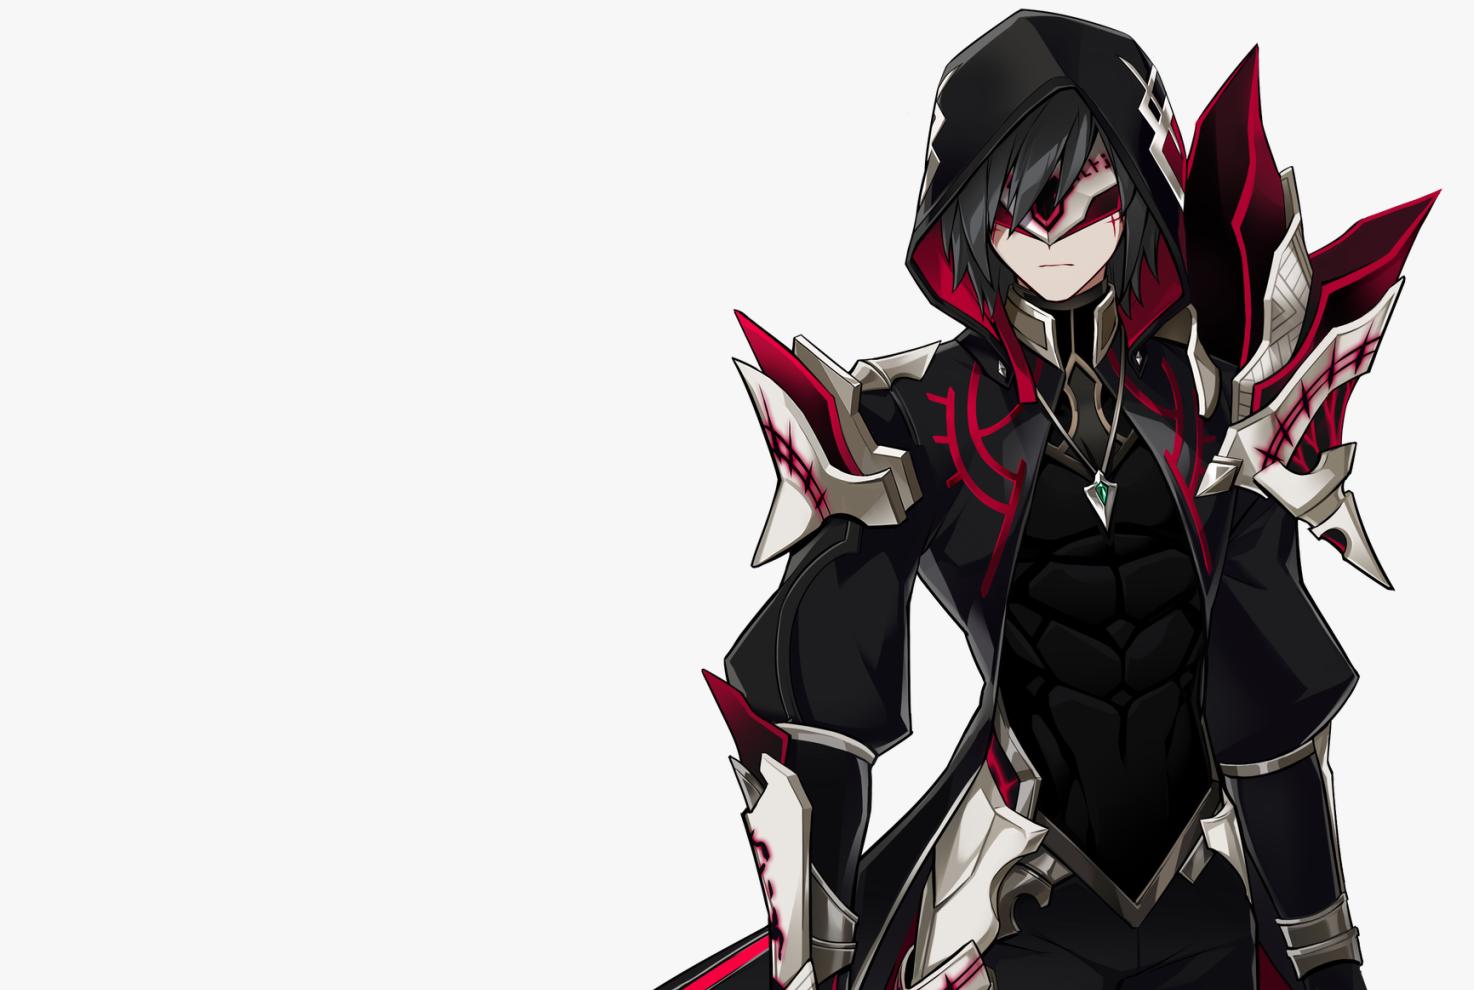 Ảnh anime boy tóc đen lạnh lùng